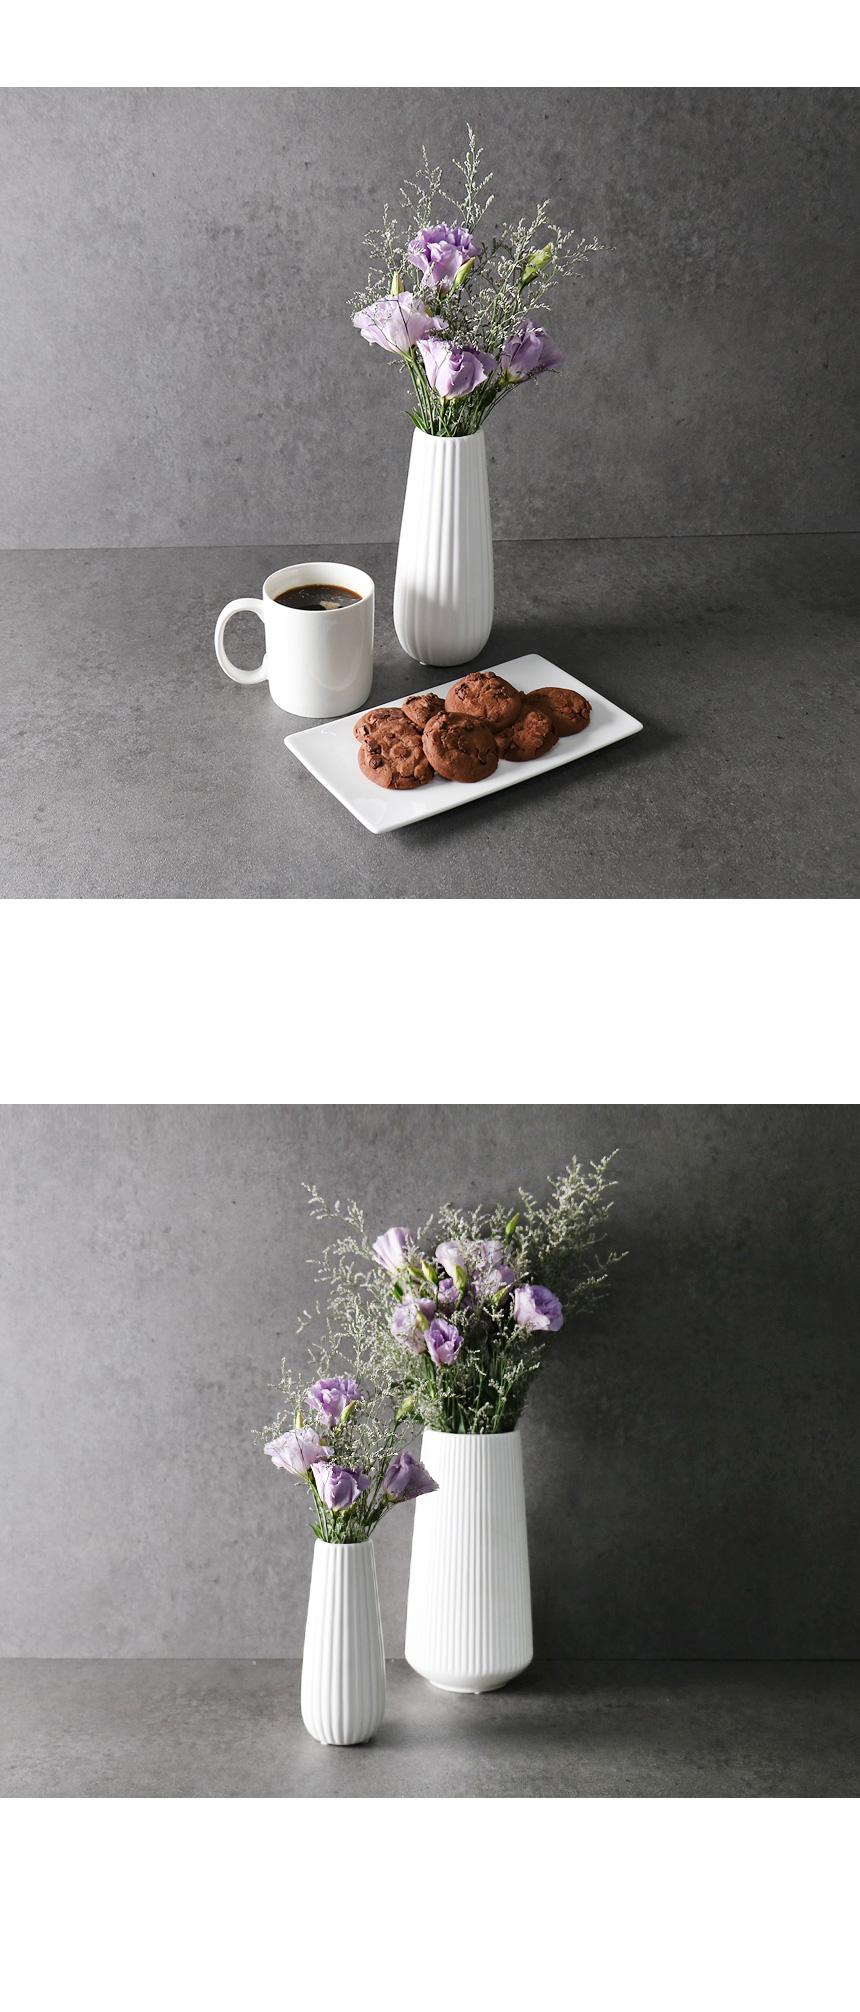 케렌디아 도자기 인테리어 화병 2size - 키친몰링, 6,200원, 장식소품, 도자기류